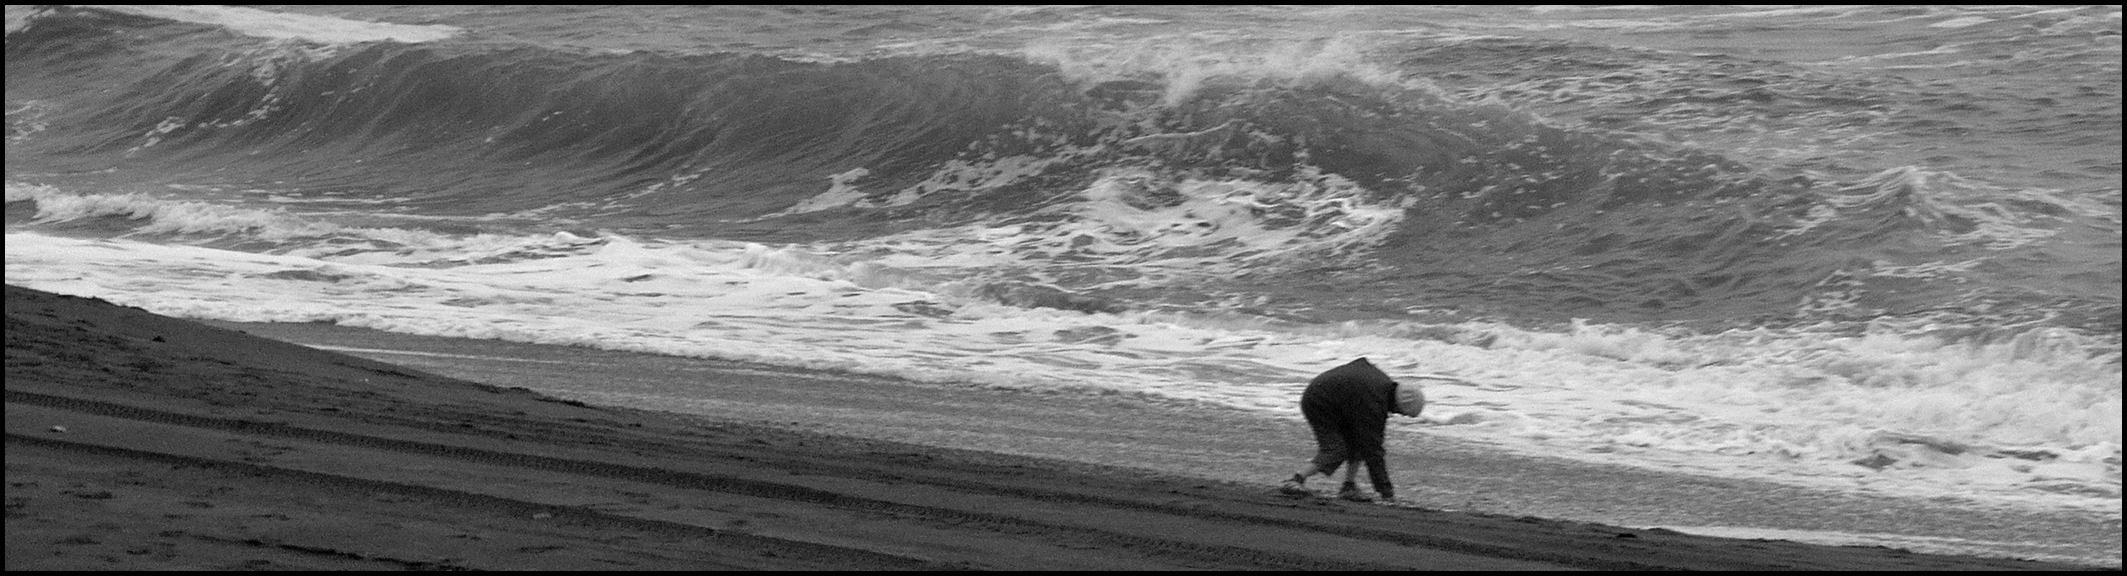 Tolowa-Beachcomber.jpg